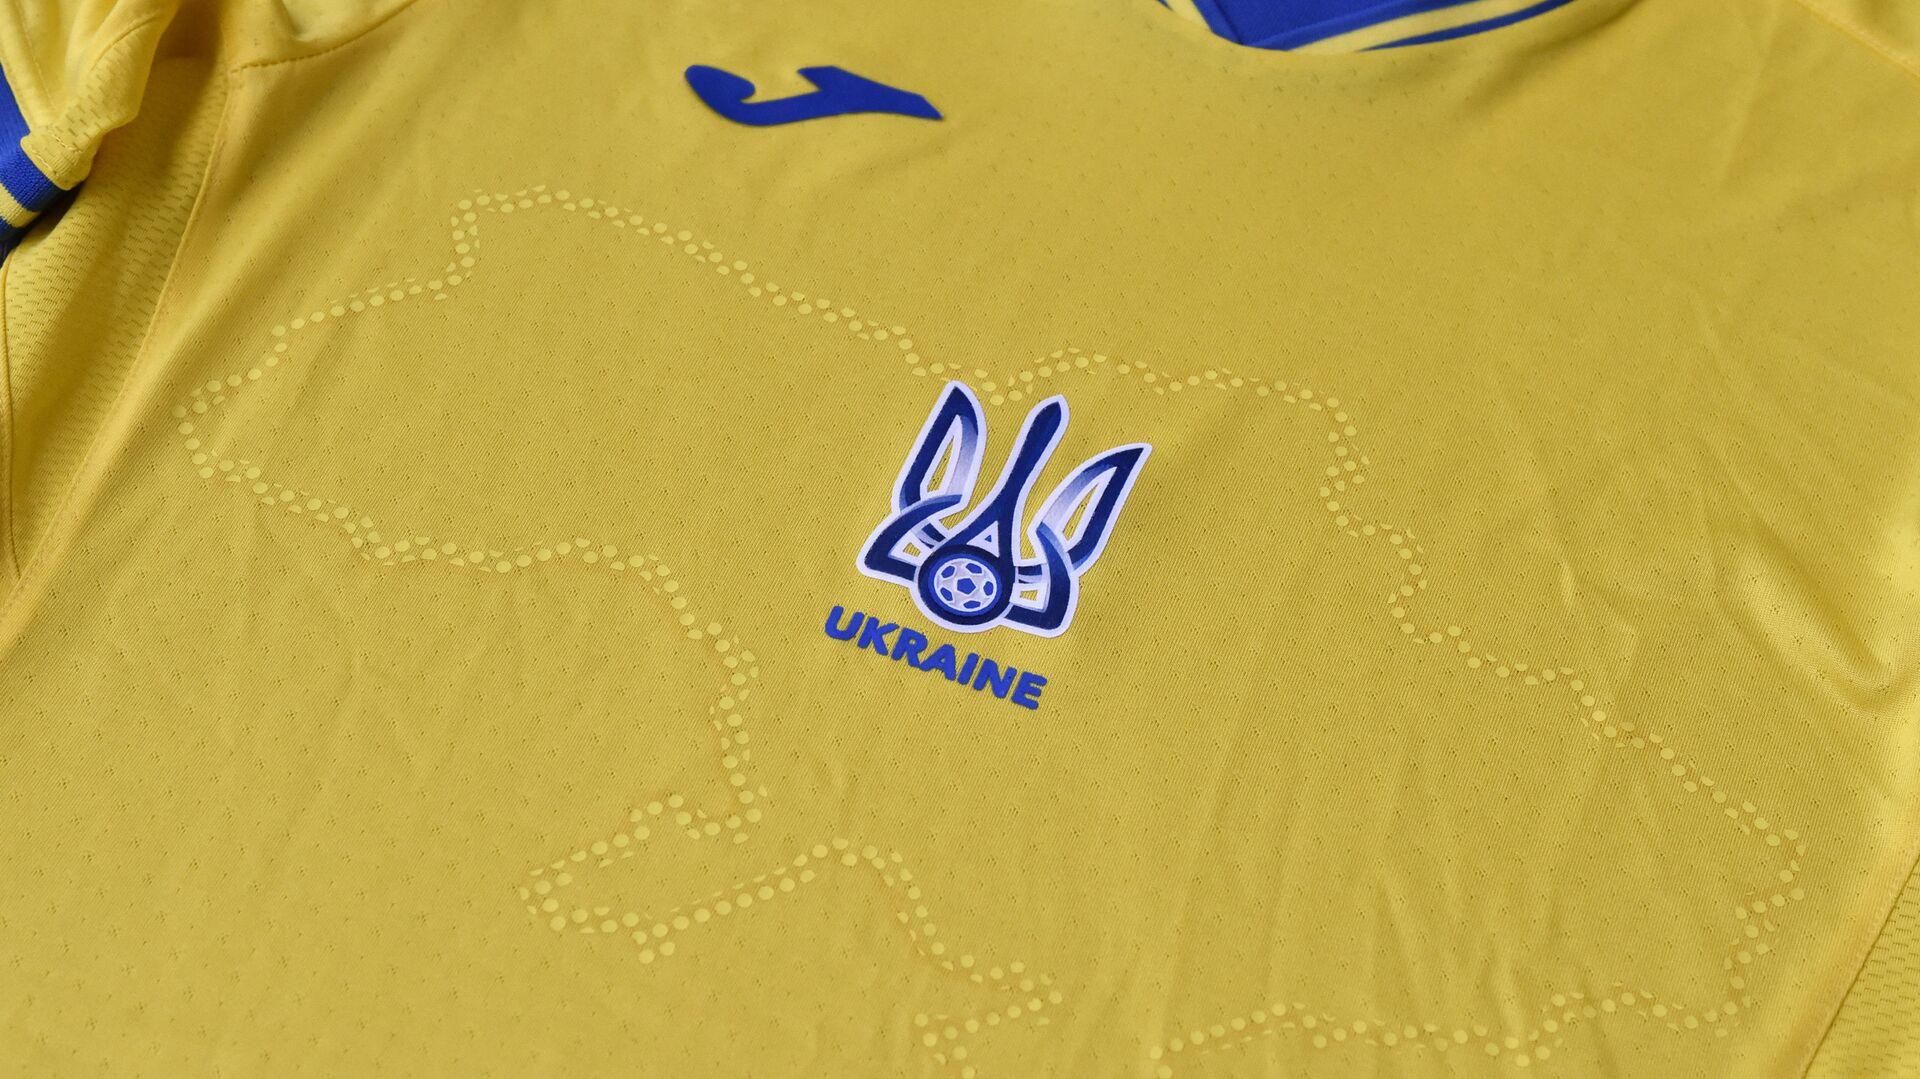 Nové dresy ukrajinského národního týmu na Mistrovství Evropy ve fotbale 2020 - Sputnik Česká republika, 1920, 08.06.2021